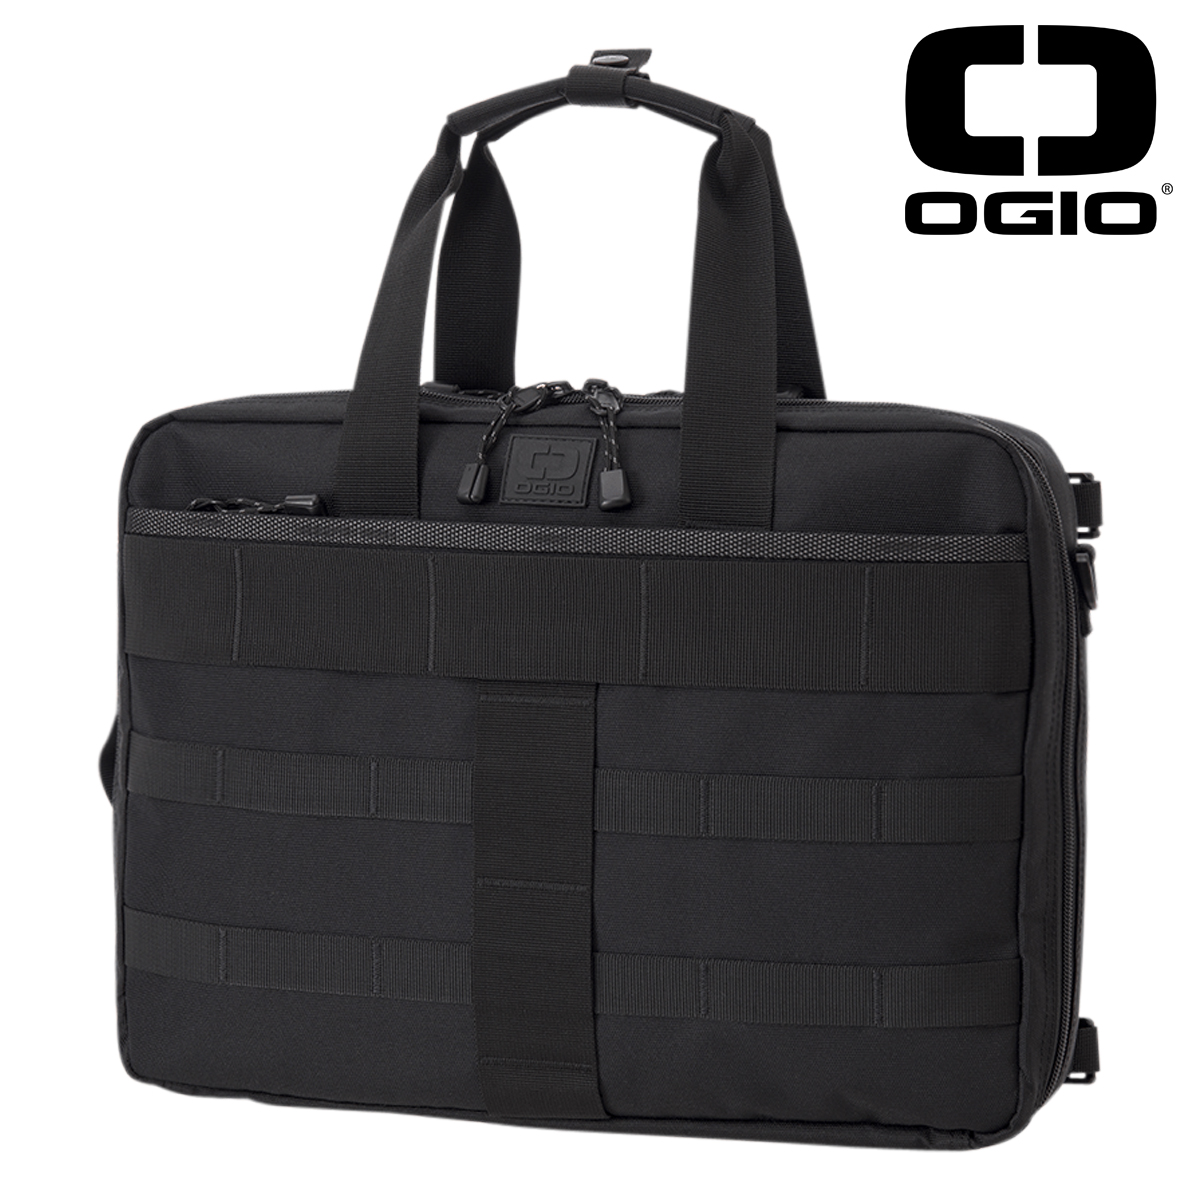 オジオ ビジネスバッグ 3WAY CONVOY メンズ レディース 5920160OG OGIO | ブリーフケース 撥水[PO10][即日発送]